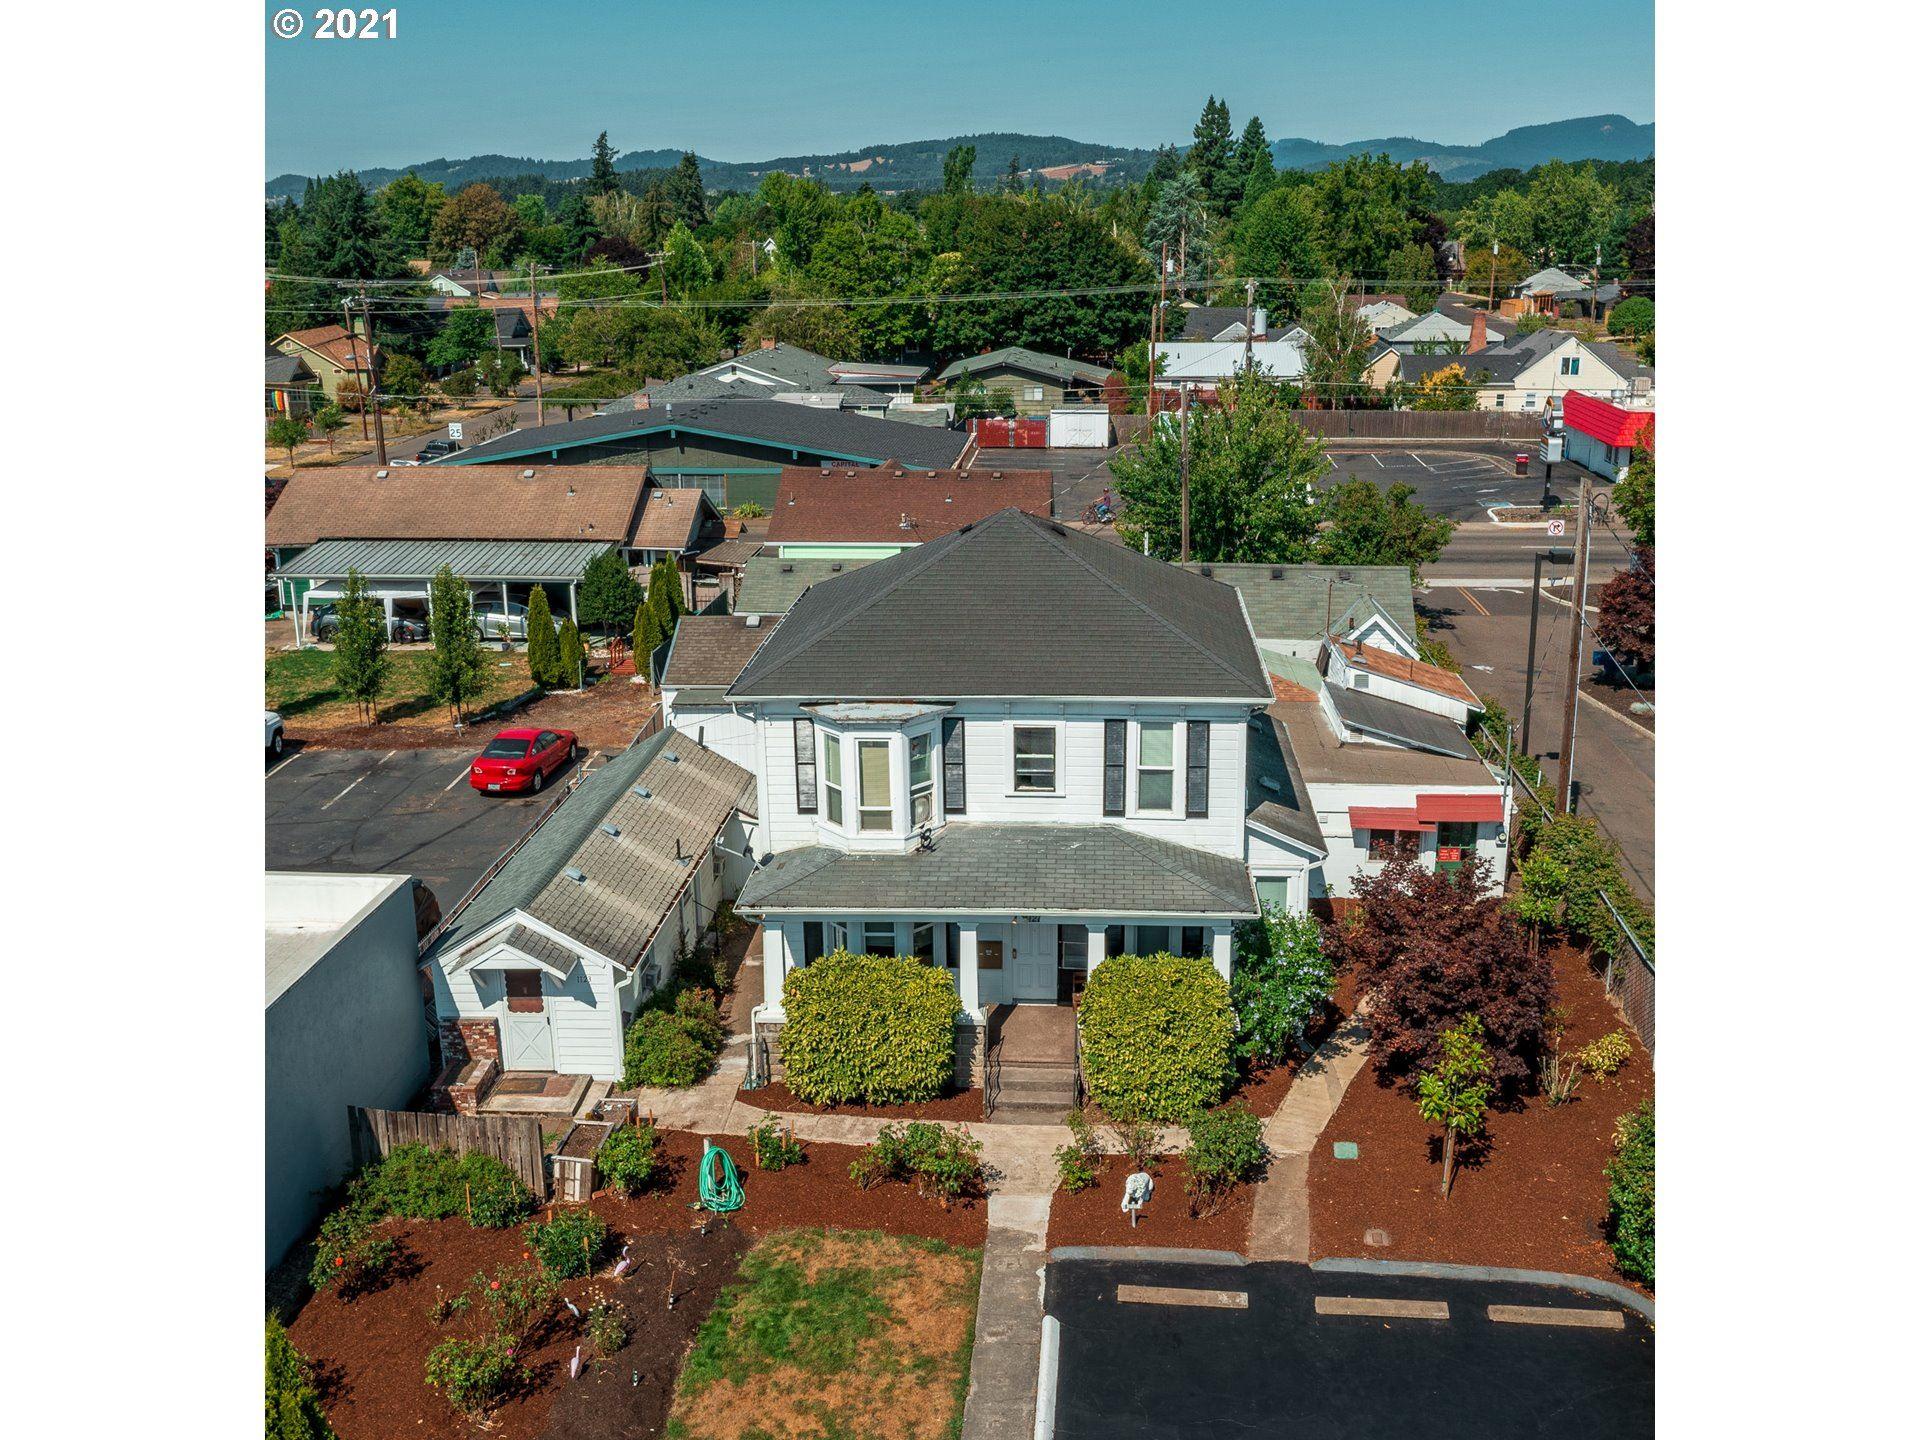 Photo of 1121 NE BAKER ST NE, McMinnville, OR 97128 (MLS # 21471691)